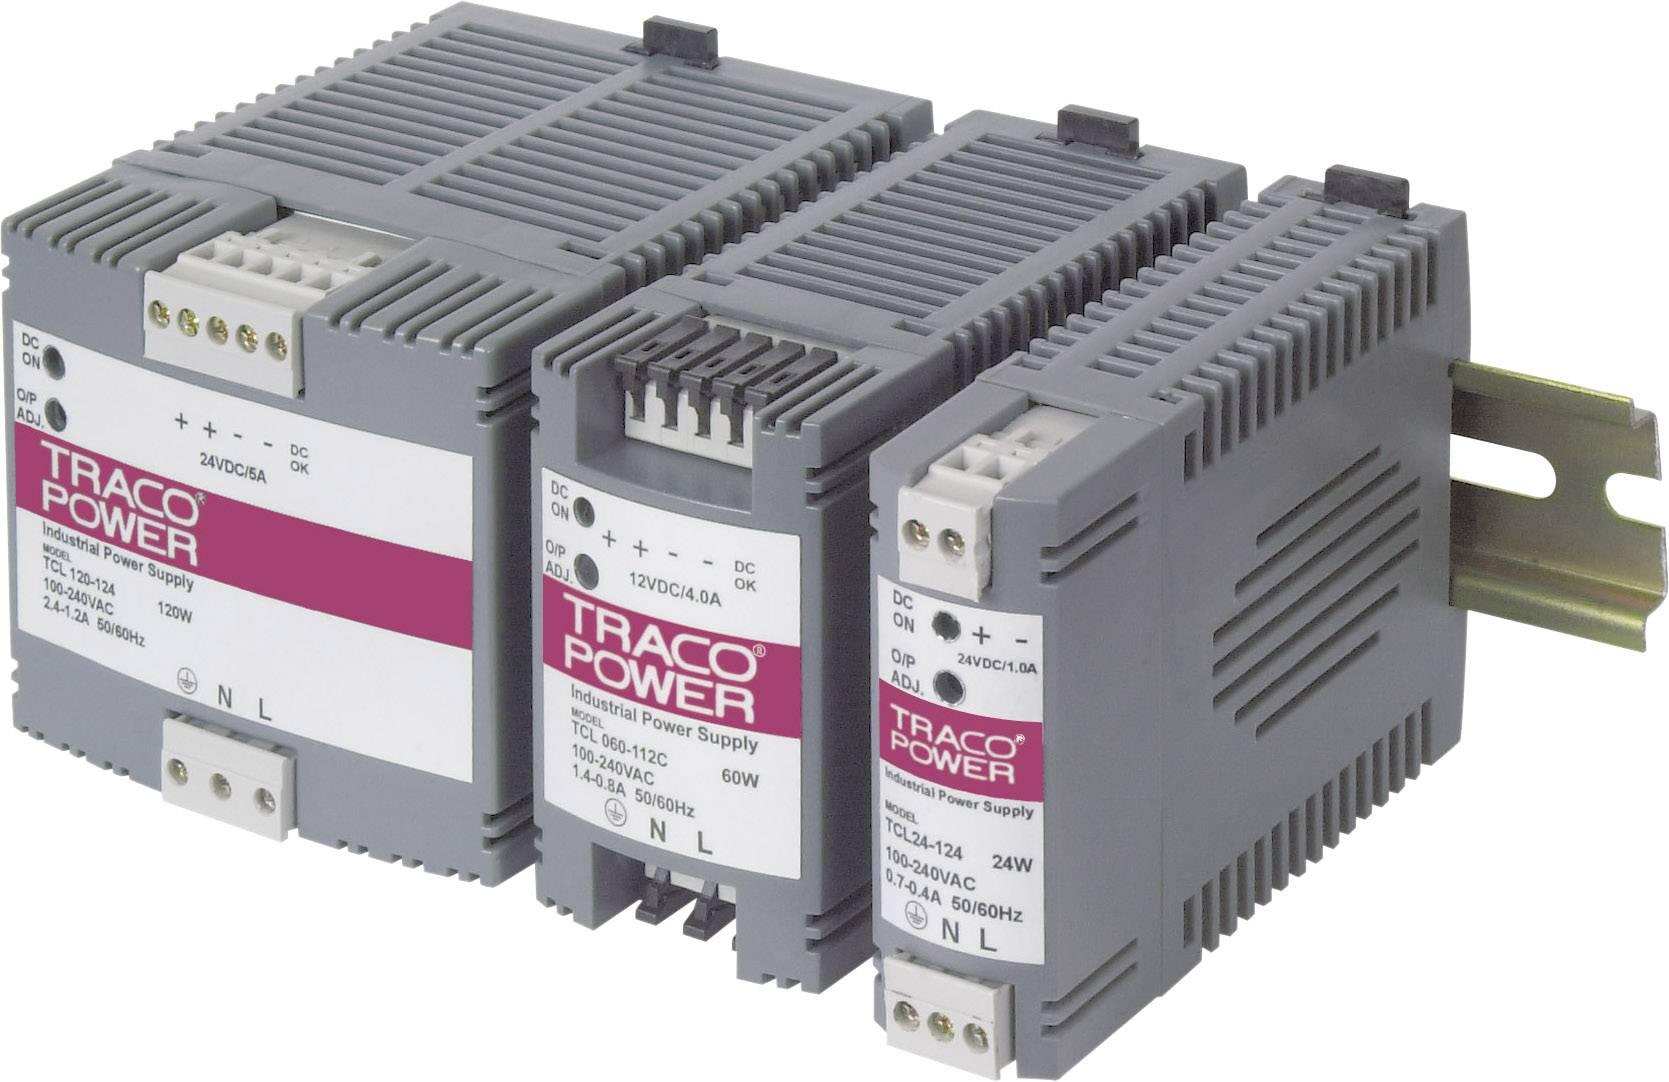 Sieťový zdroj na montážnu lištu (DIN lištu) TracoPower TCL 024-112, 1 x, 12 V/DC, 2 A, 24 W